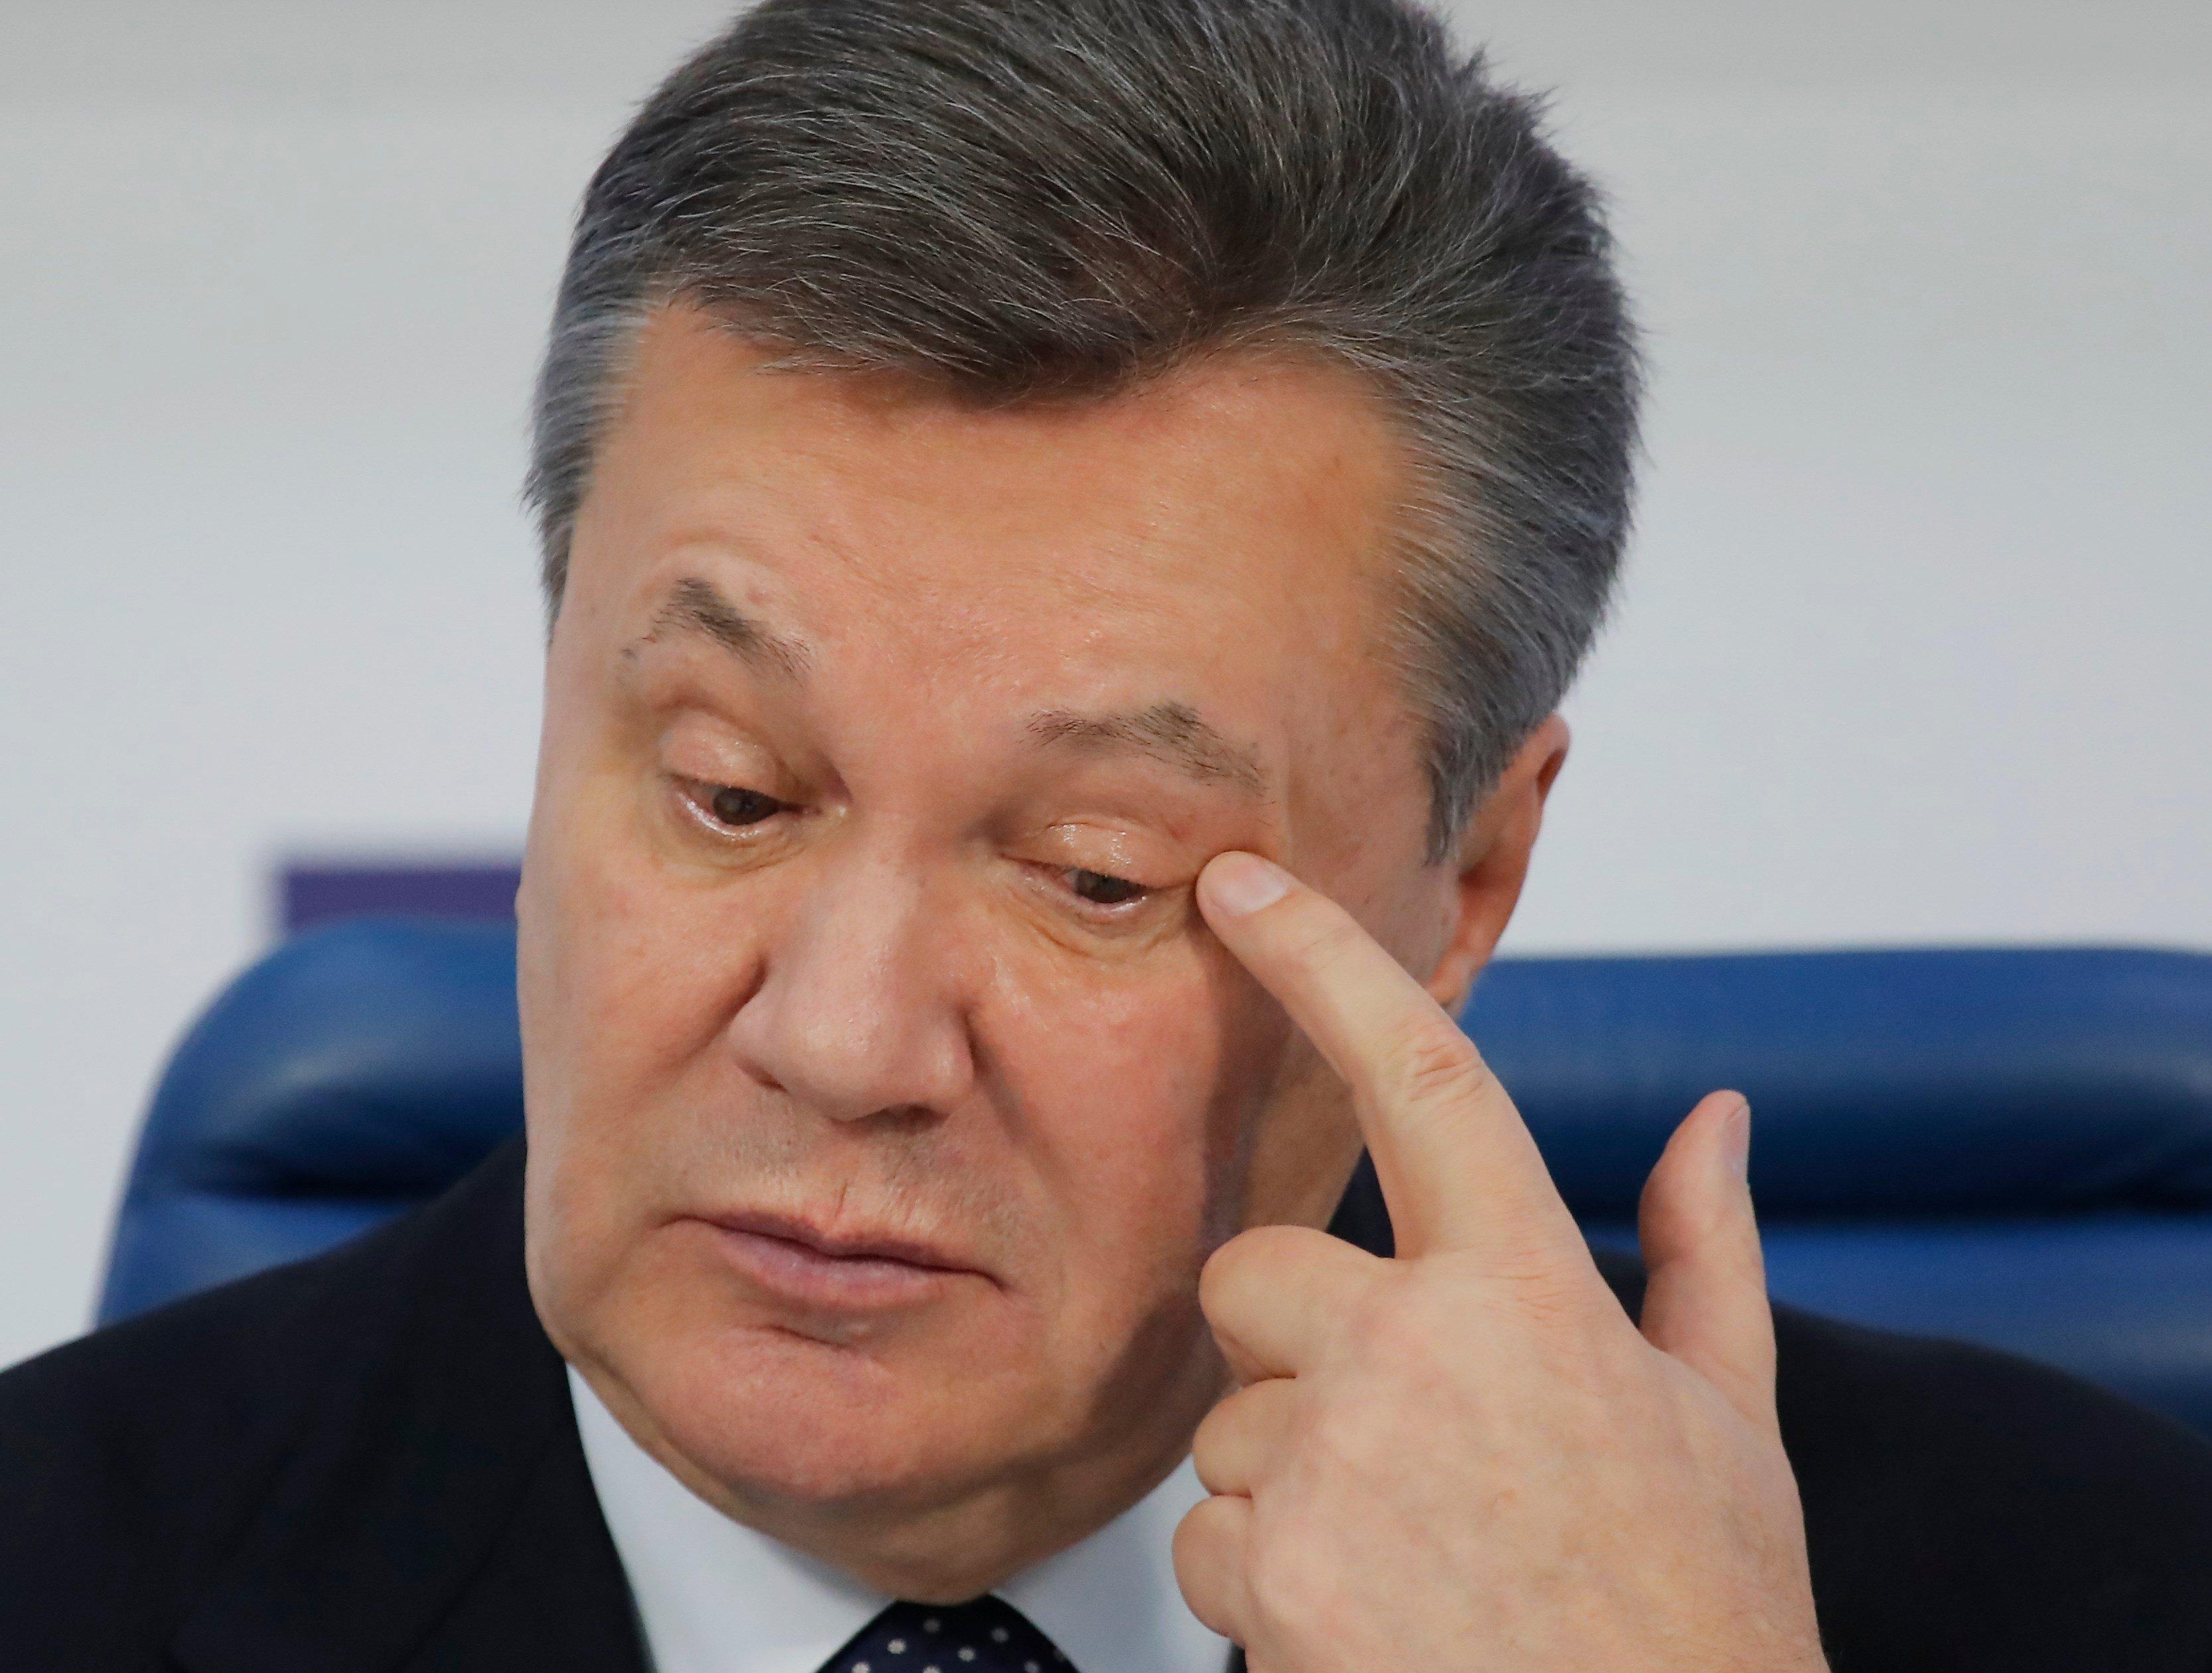 Тайных лоббистов Виктора Януковича возглавлял экс-канцлер Австрии Альфред Гузенбауер, узнали журналисты